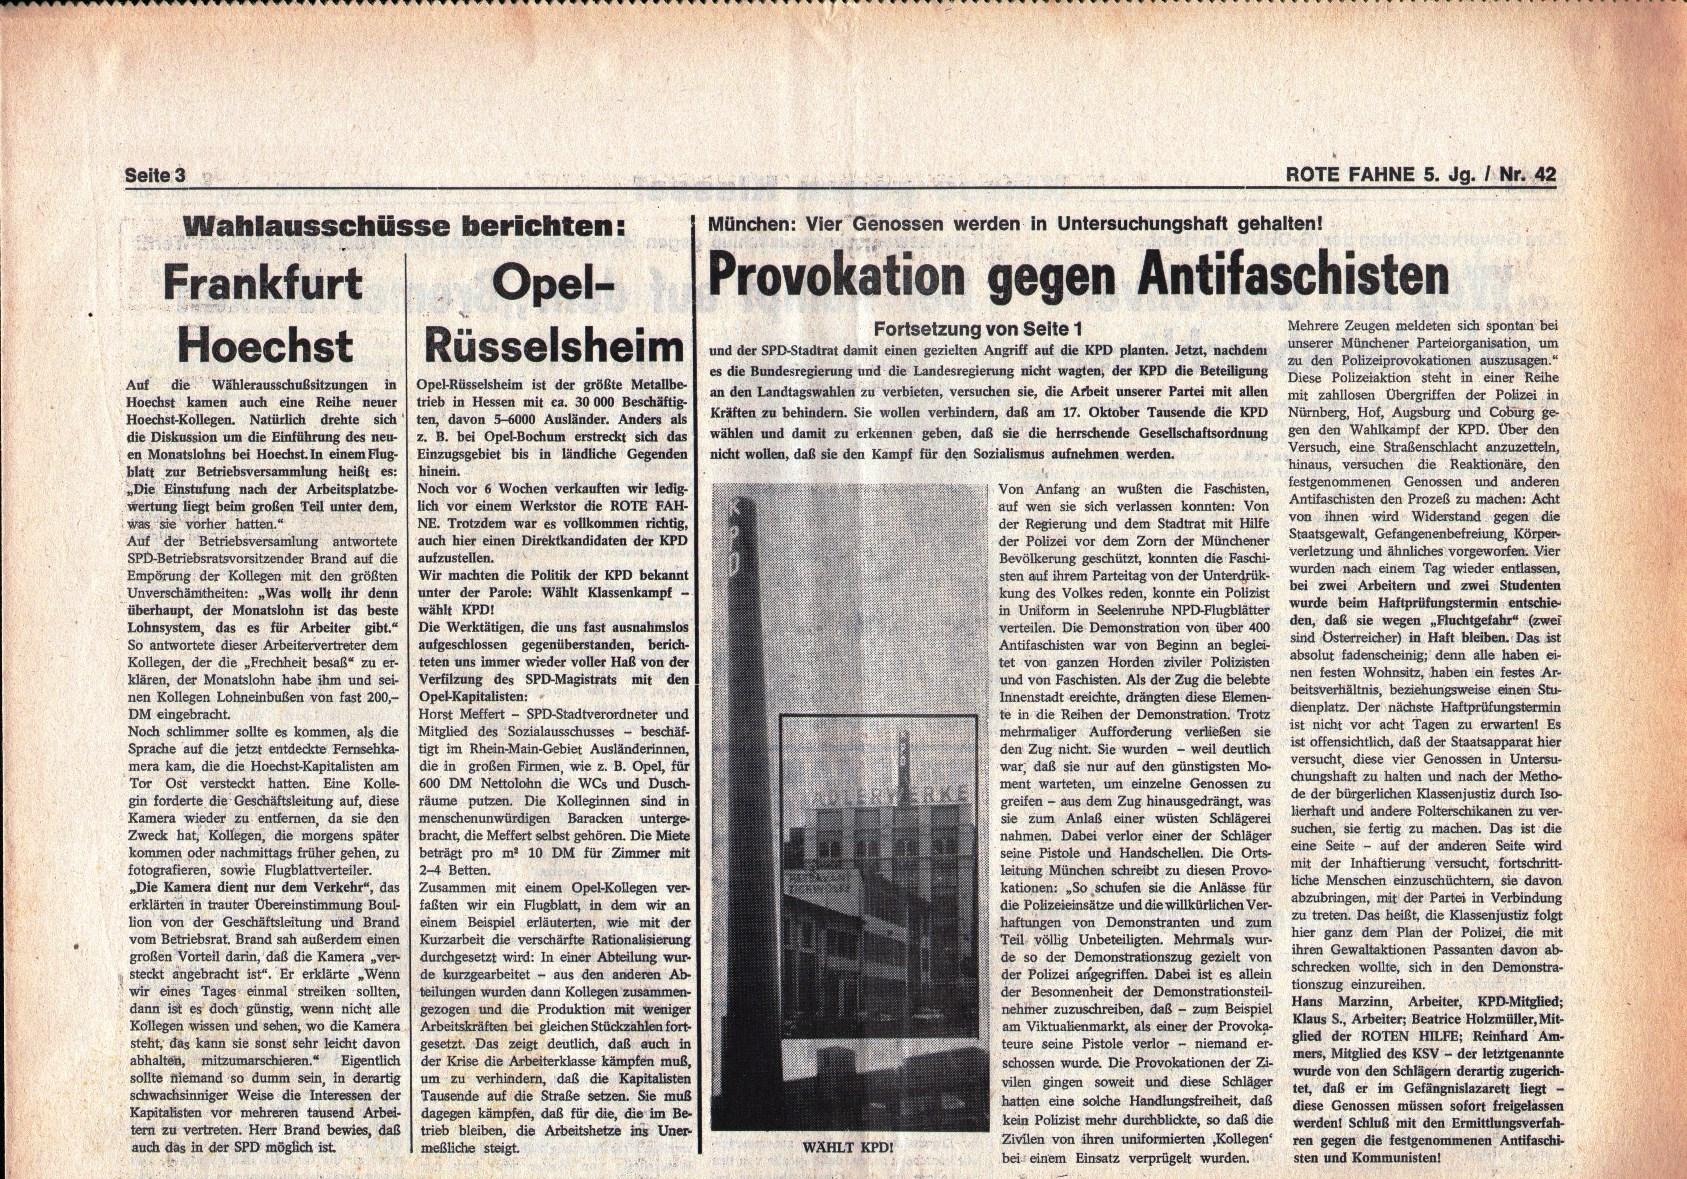 KPD_Rote_Fahne_1974_42_05